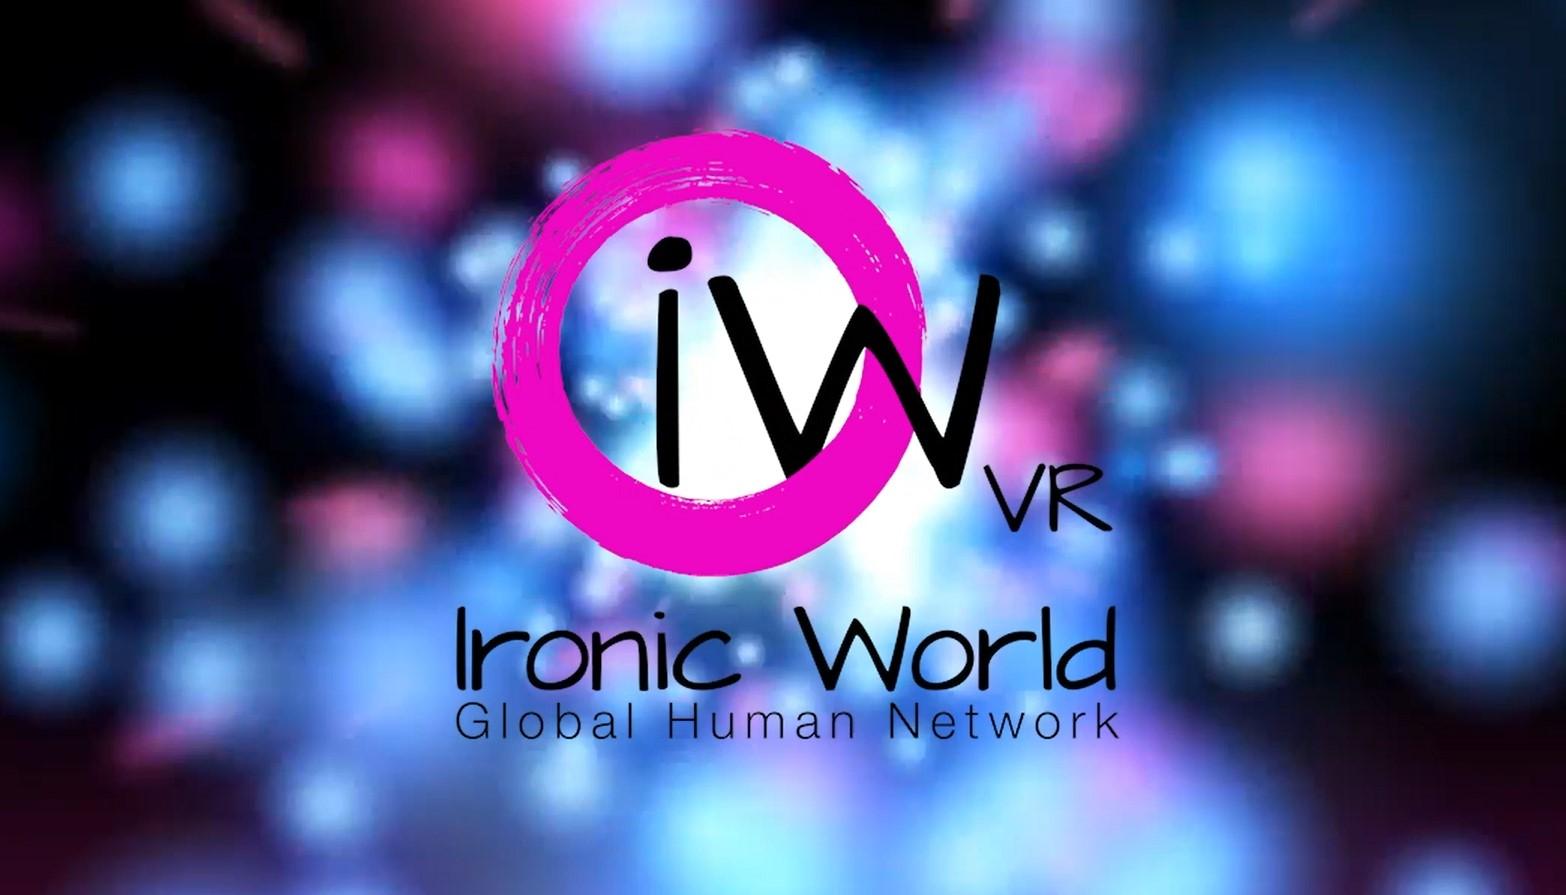 IW-VR GHN Logo